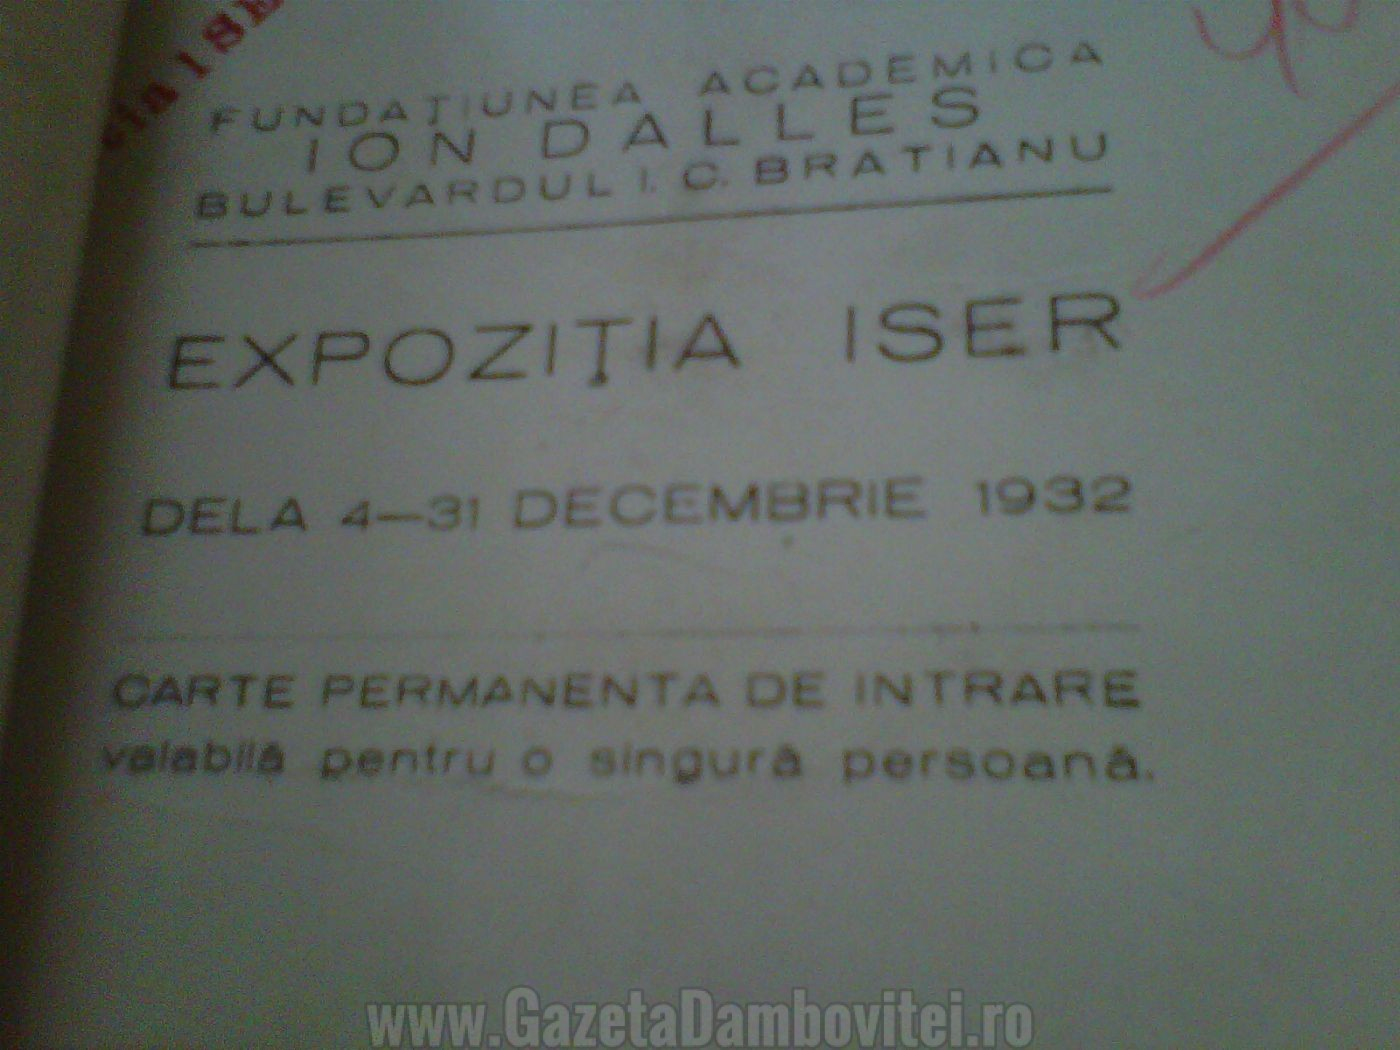 Expoziția ISER-Carte permanentă de intrare 1932 - Arhivele Naționale București